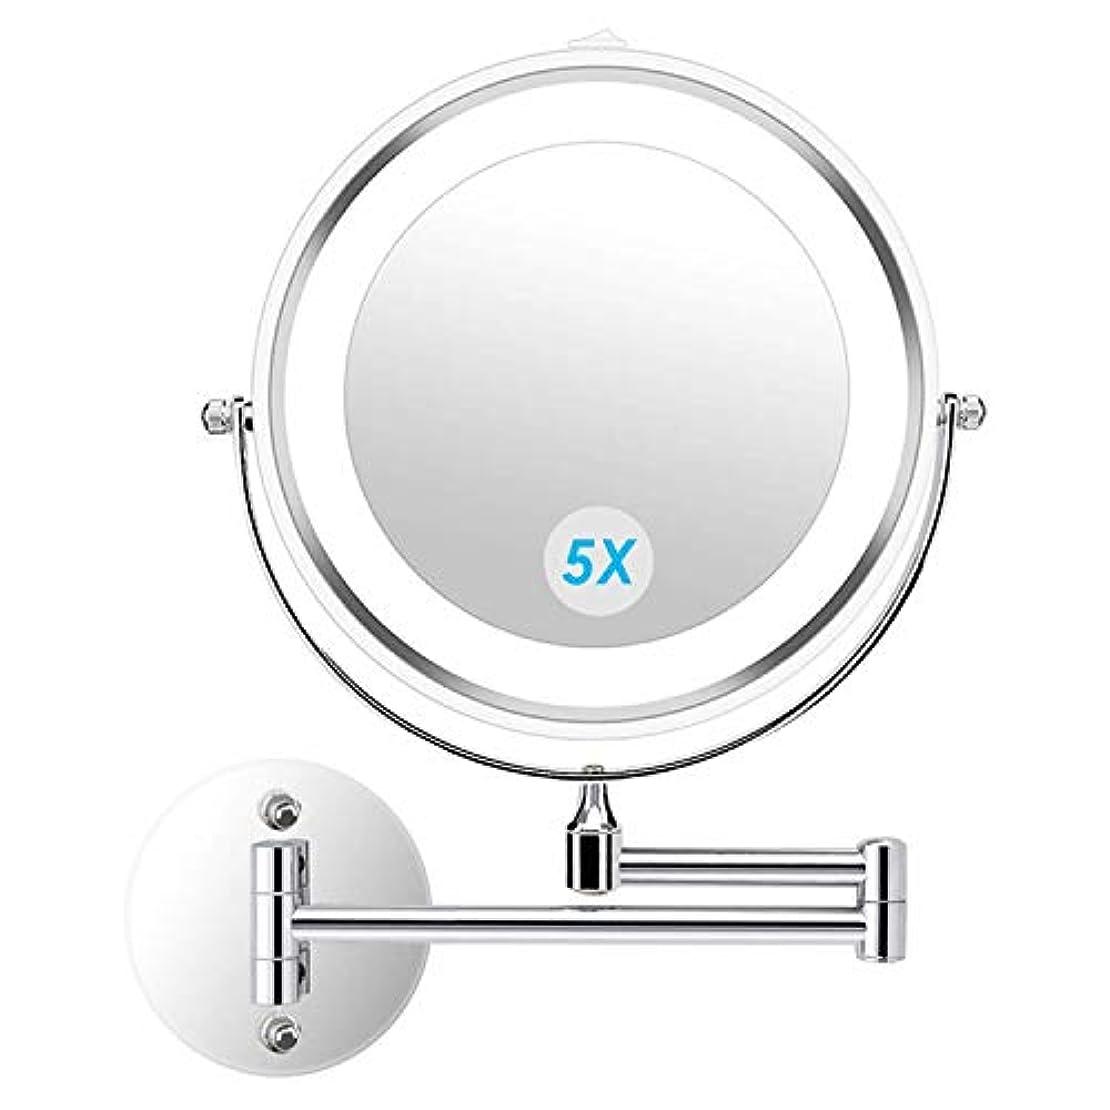 失礼なシロクマゲートalvorog 壁掛け化粧鏡 4個 電池で駆動バスルームホテル用照明付き両面5倍 倍率360度 スイベル延長化粧化粧鏡を導きました 7